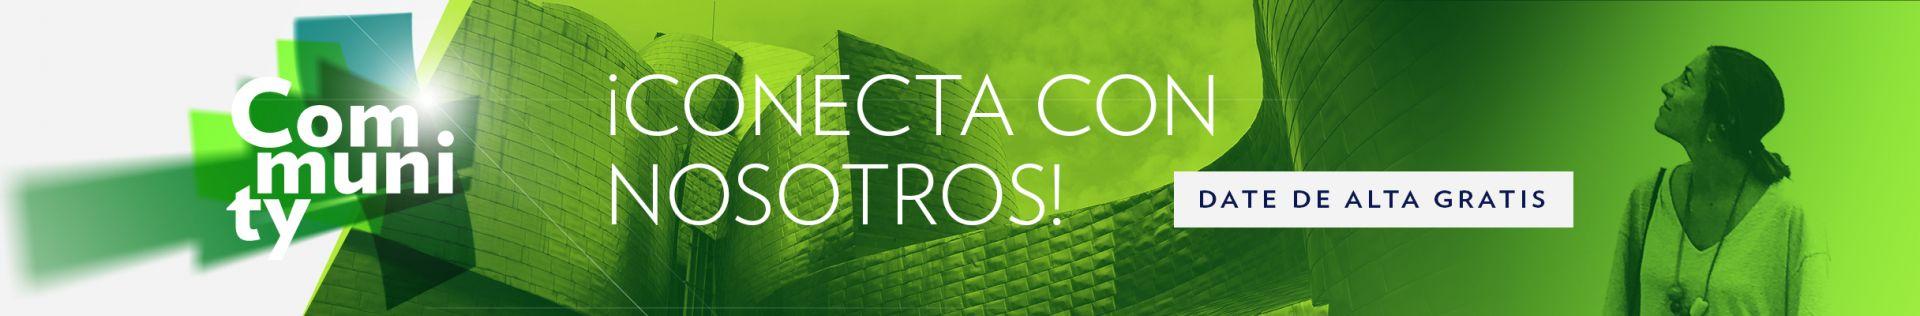 community verde CAST 2432x400